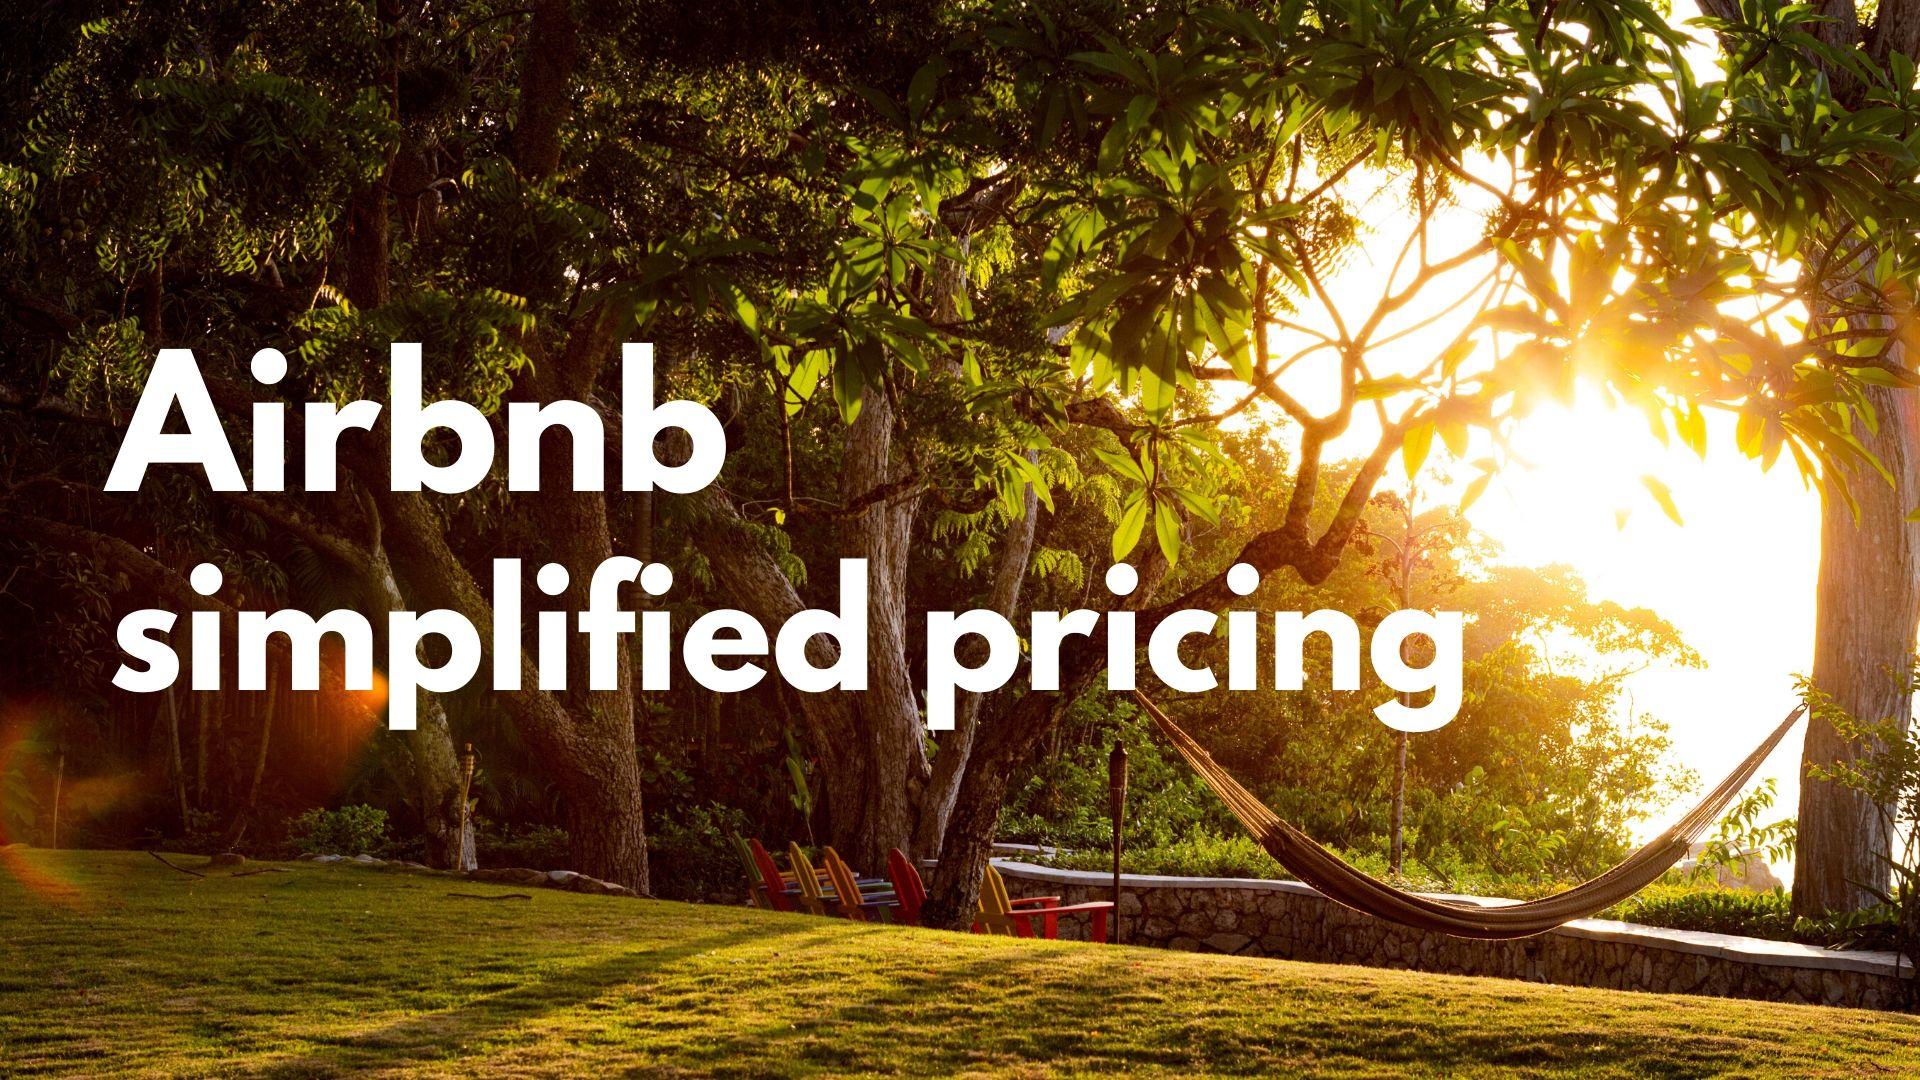 Prezzi semplificati su Airbnb